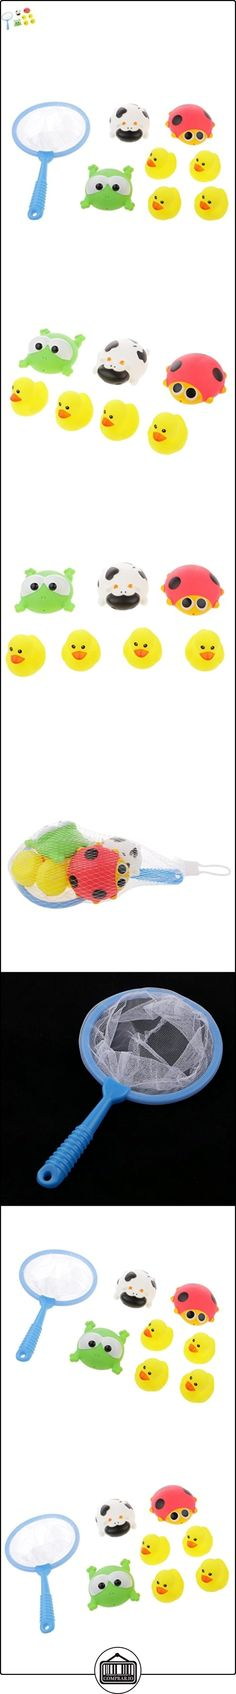 7pcs Juguetes de Baño Mini Animal Caucho de Tiempo de la Pesca  ✿ Seguridad para tu bebé - (Protege a tus hijos) ✿ ▬► Ver oferta: http://comprar.io/goto/B01MAWOR7K